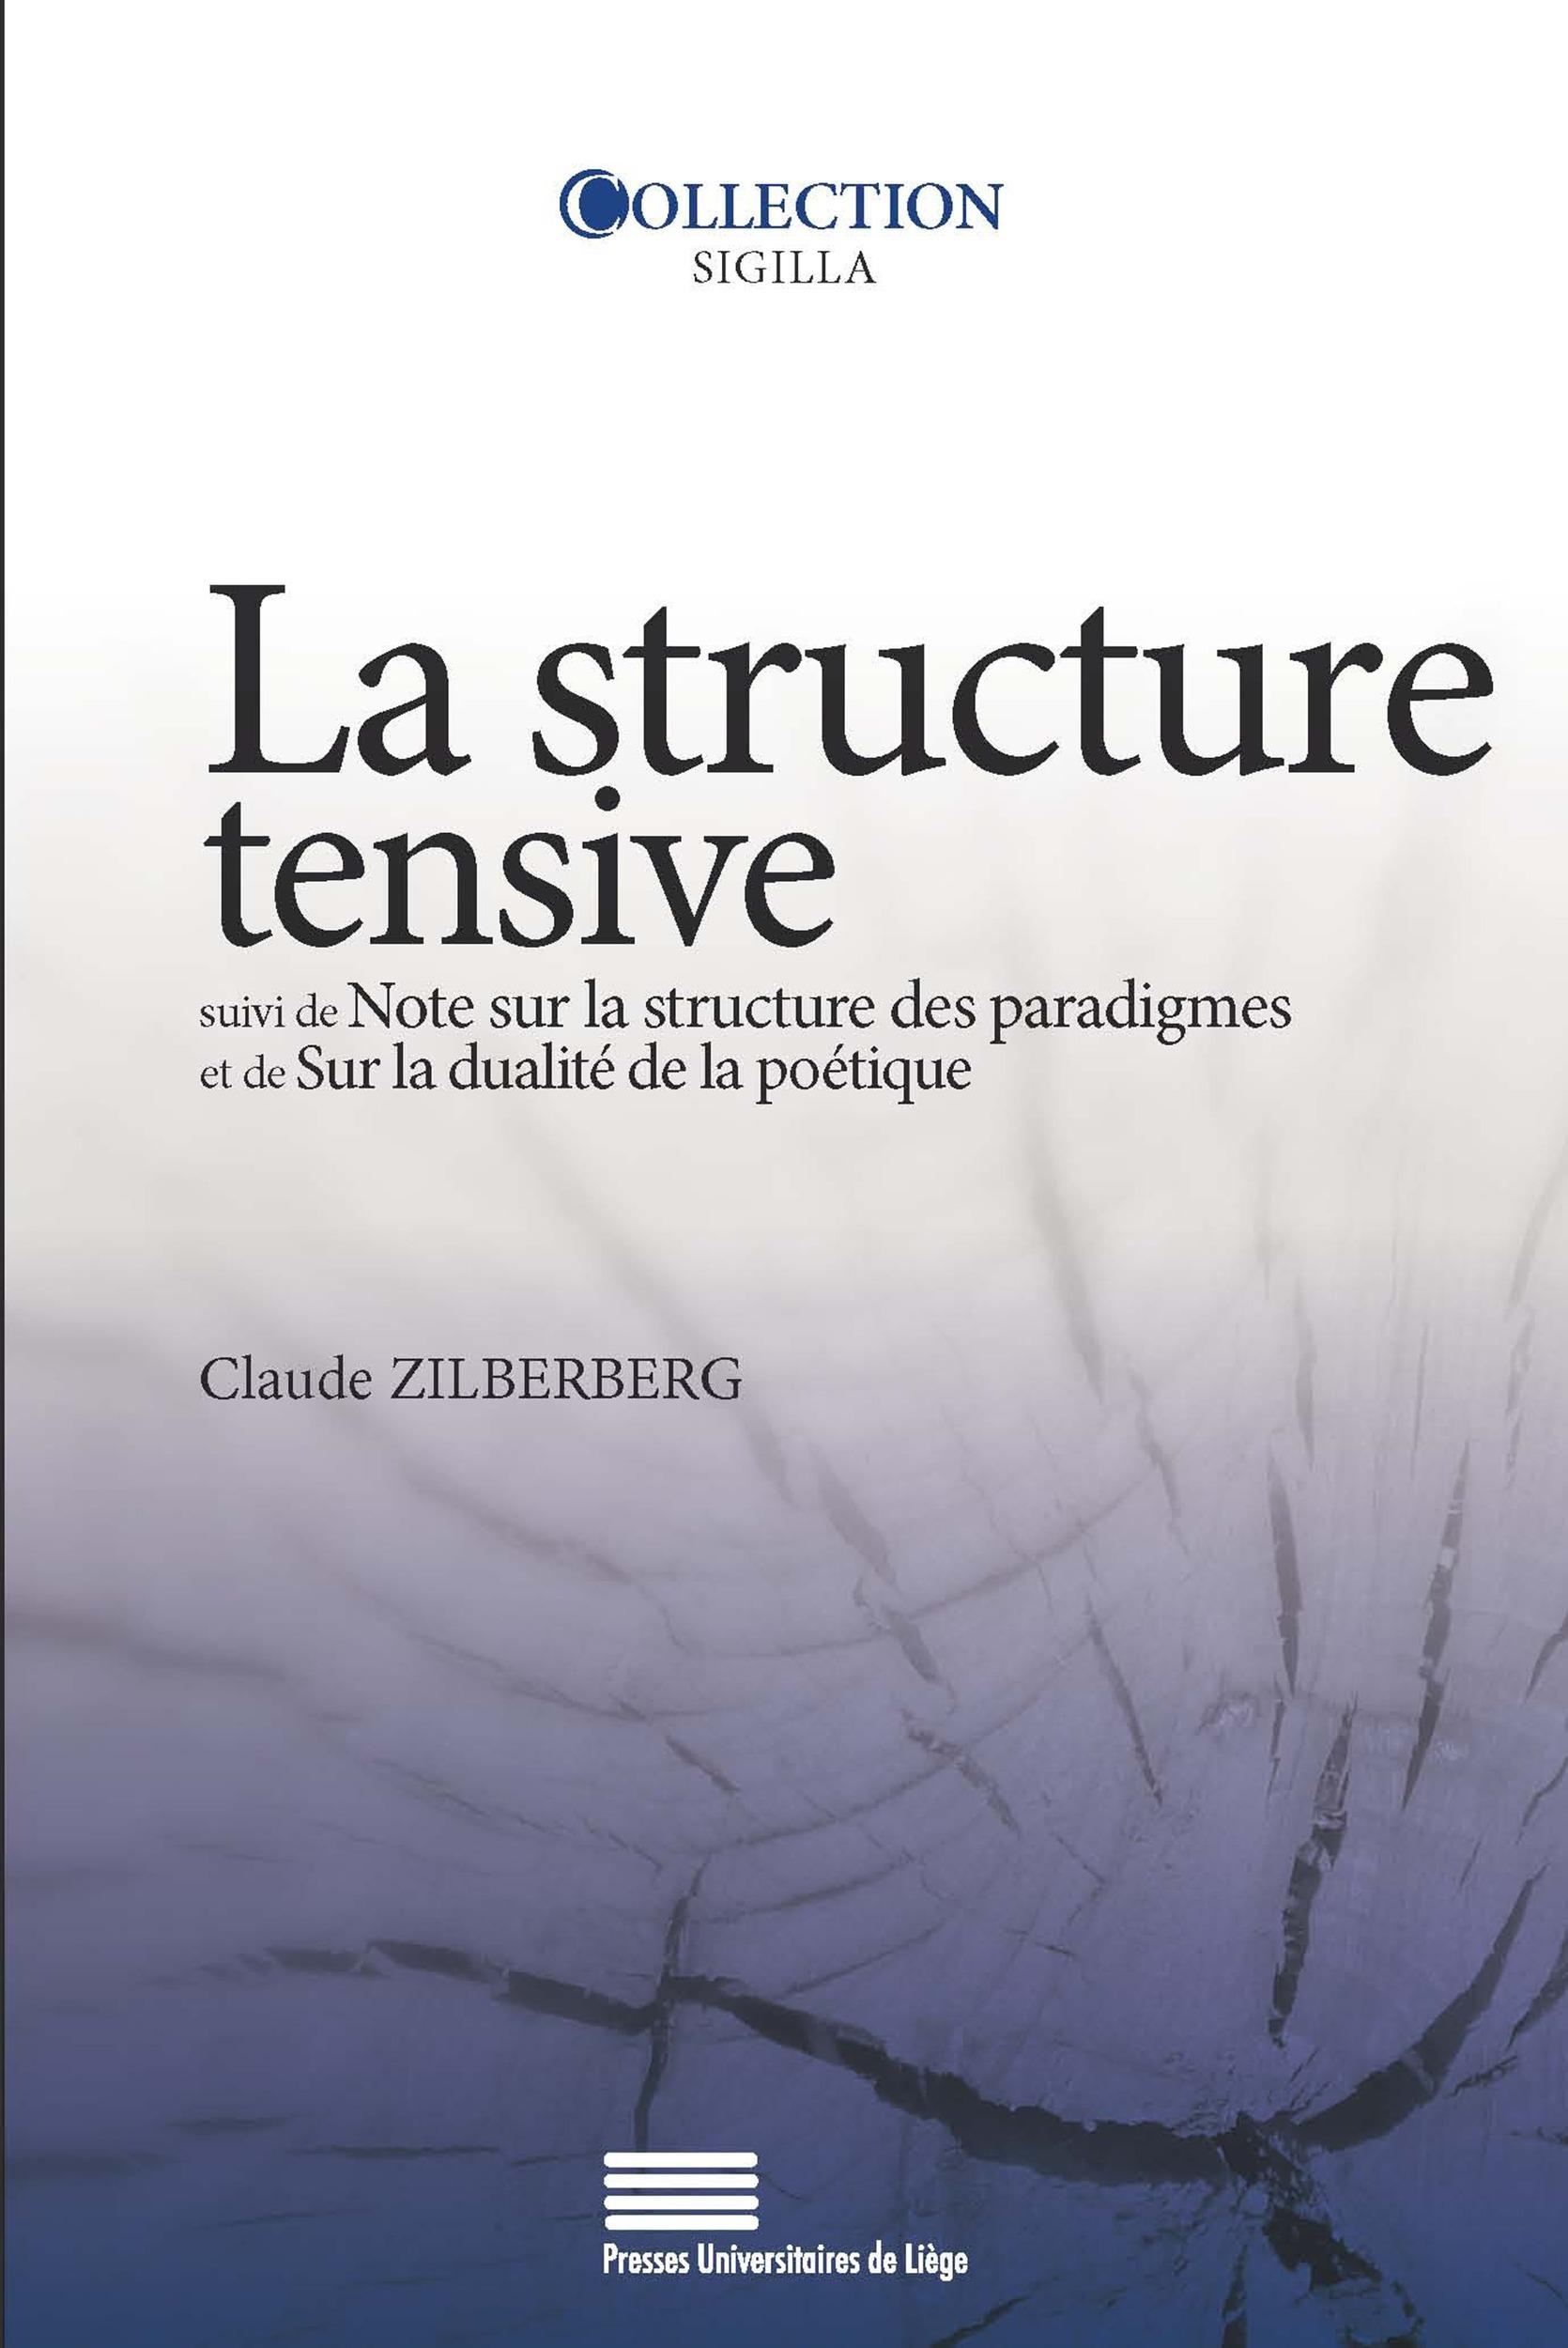 La structure tensive ; note sur la structure des paradigmes et de sur la dualité de la poèt